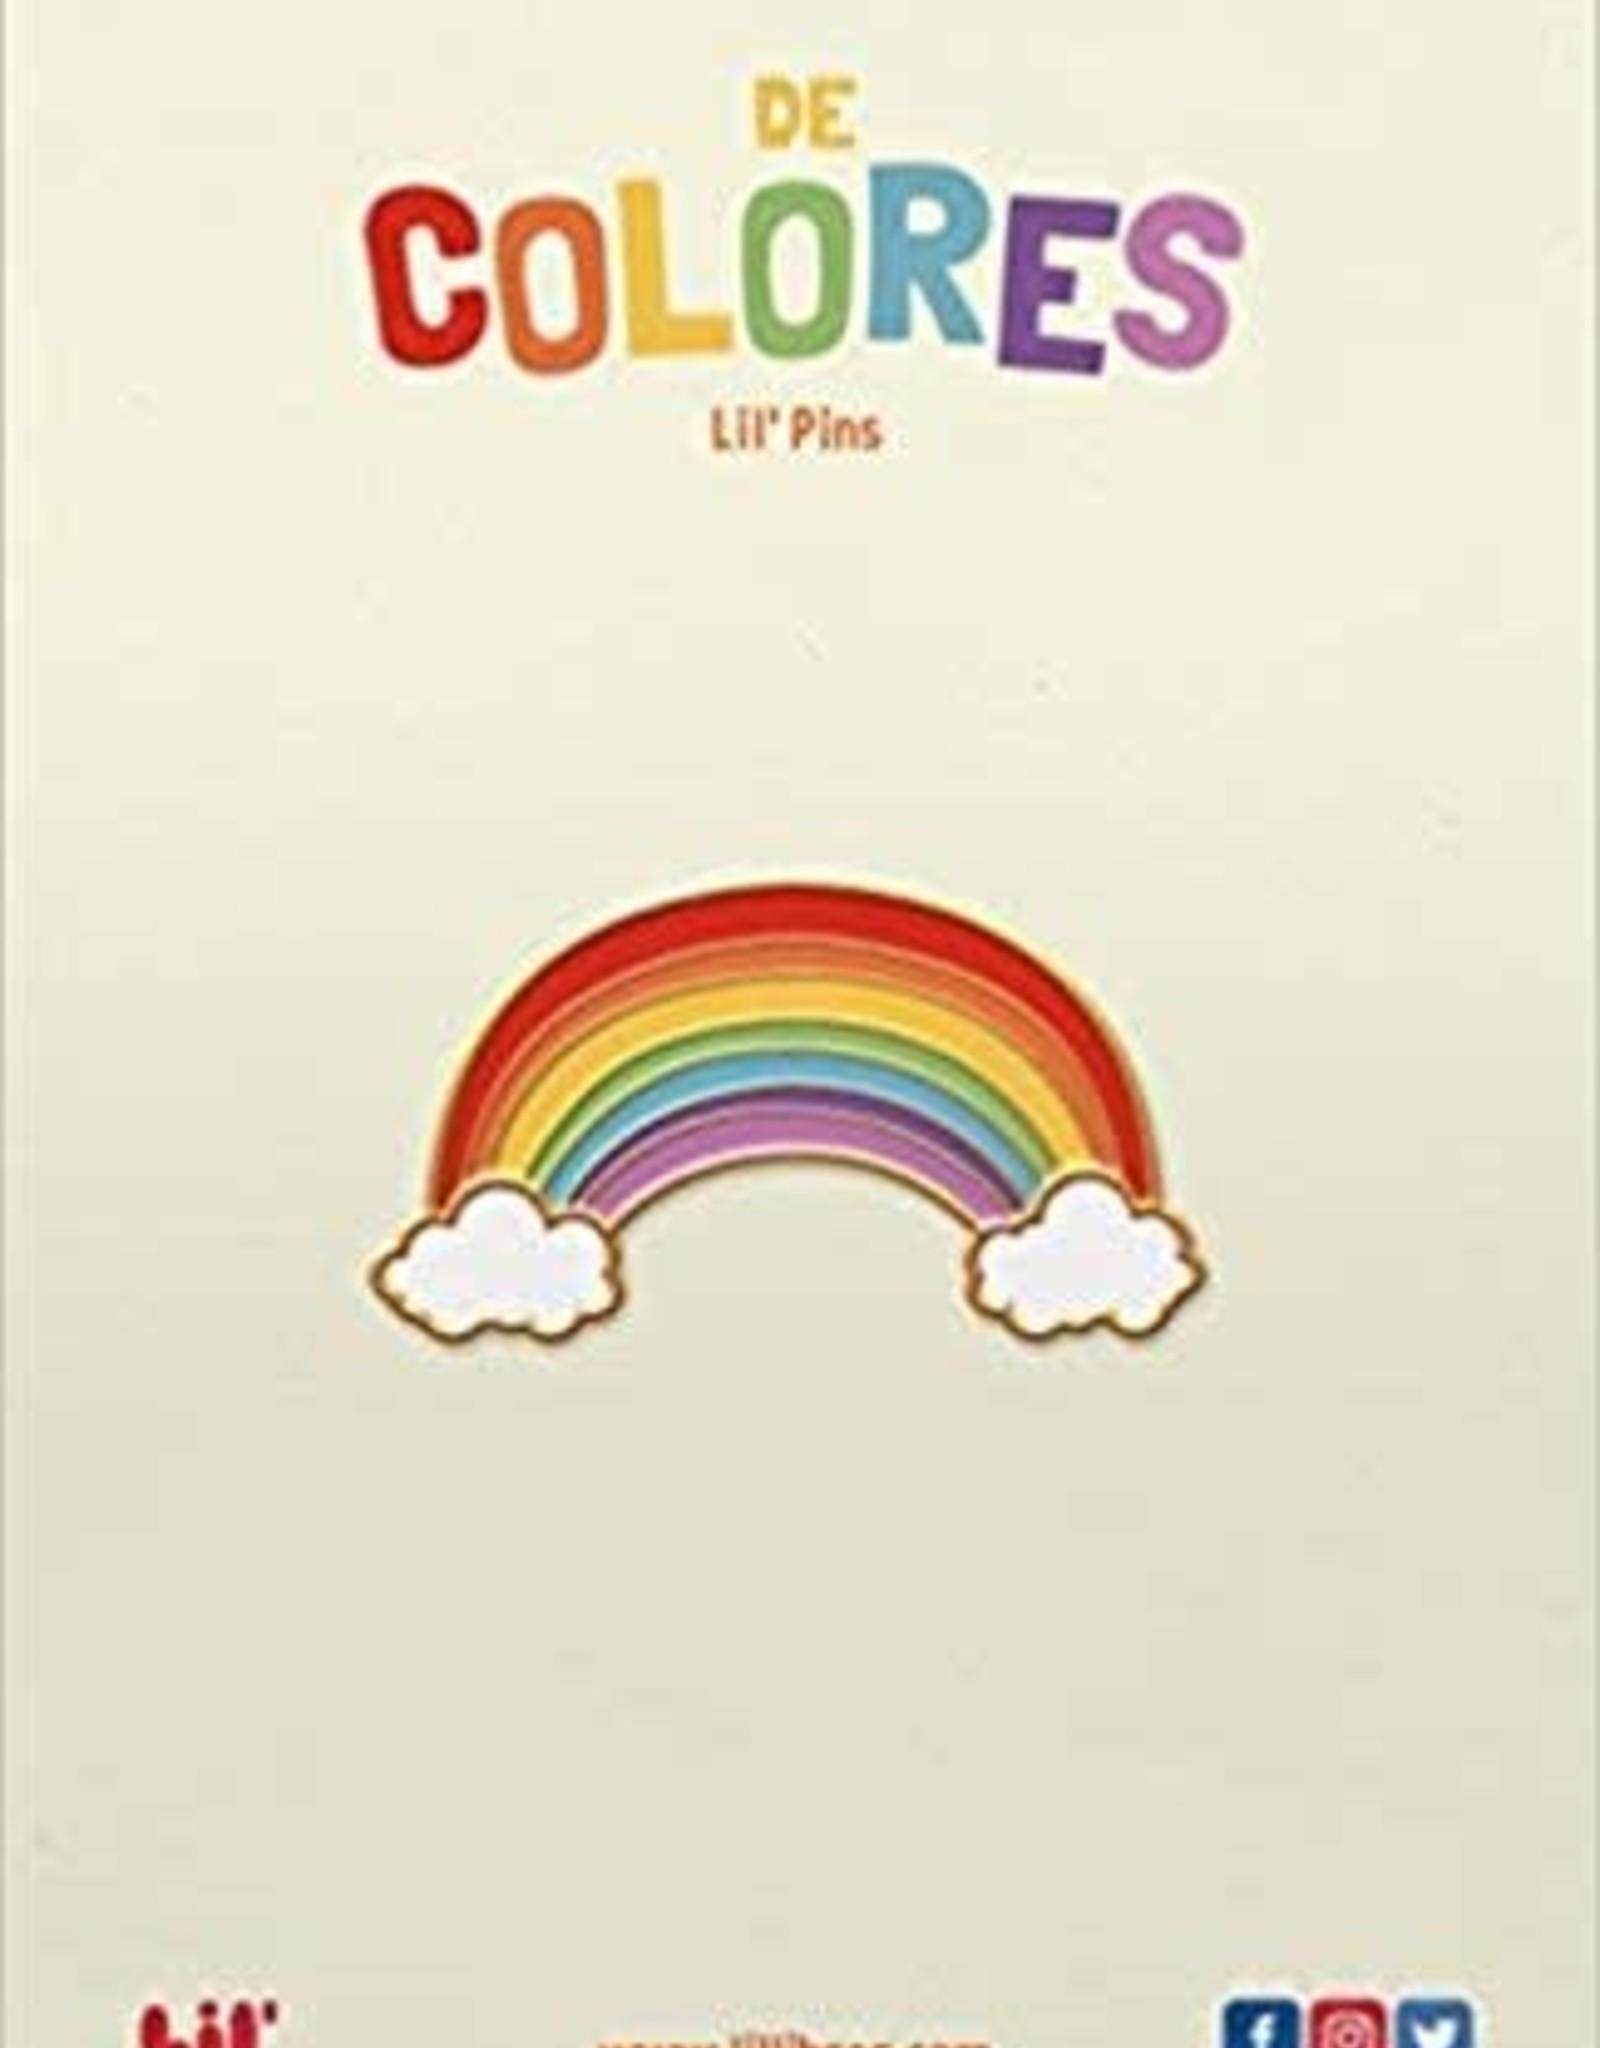 De Colores Rainbow Enamel Pin